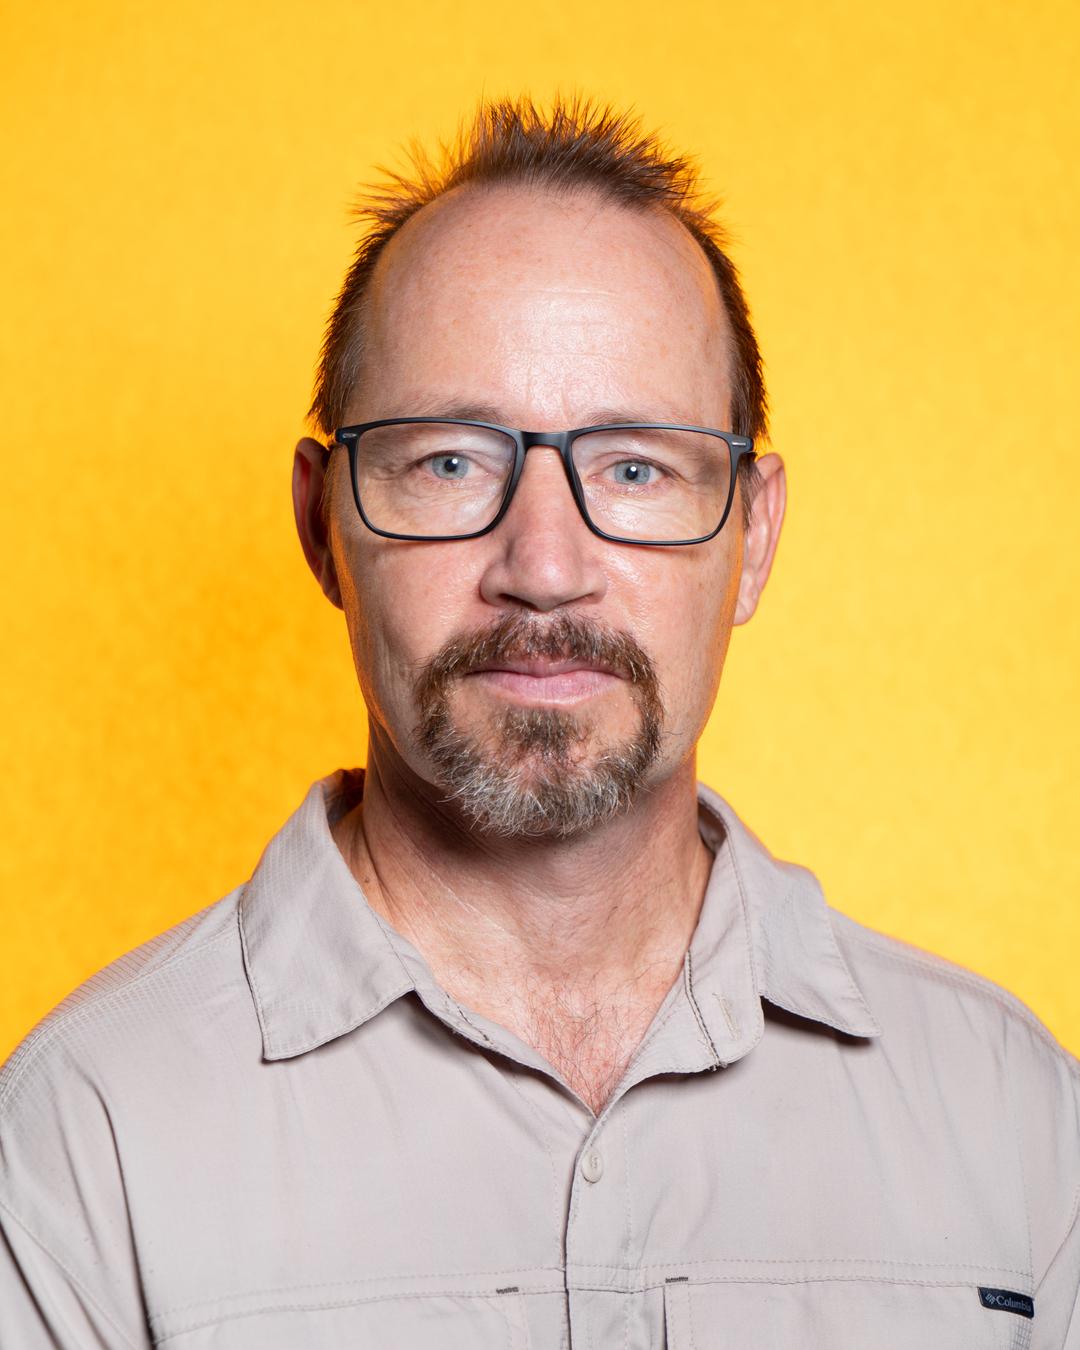 Mr. Griffin